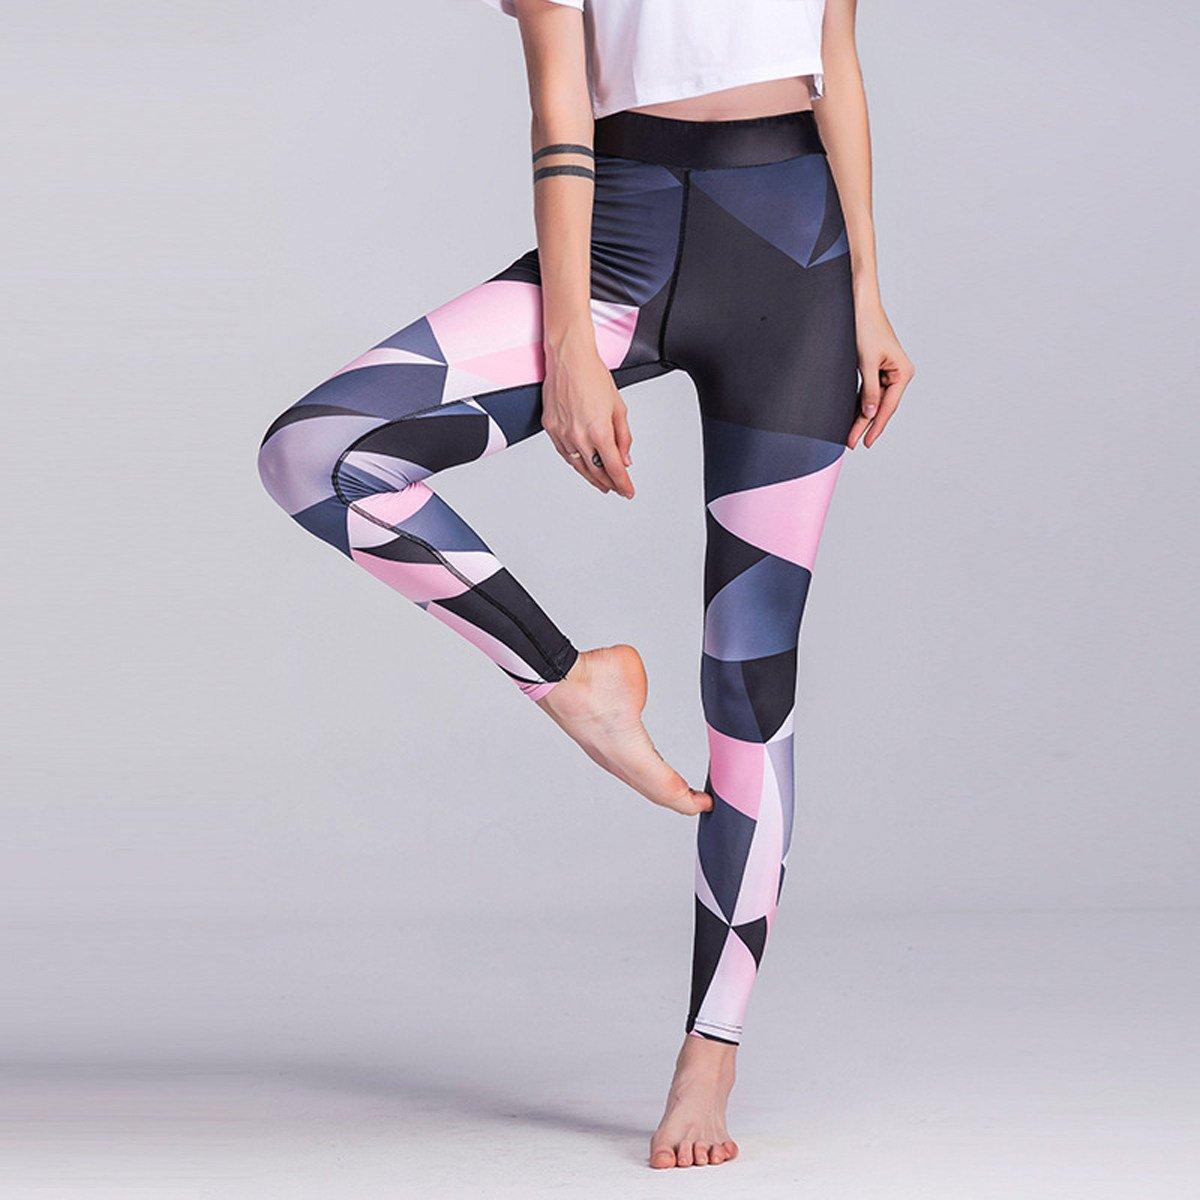 e123a9b15 Ropa XNRHH 2017 Ajustable Yoga Impreso Pantalones De Fitness Pies Elásticos  Apretados Polainas De Funcionamiento De Las Mujeres